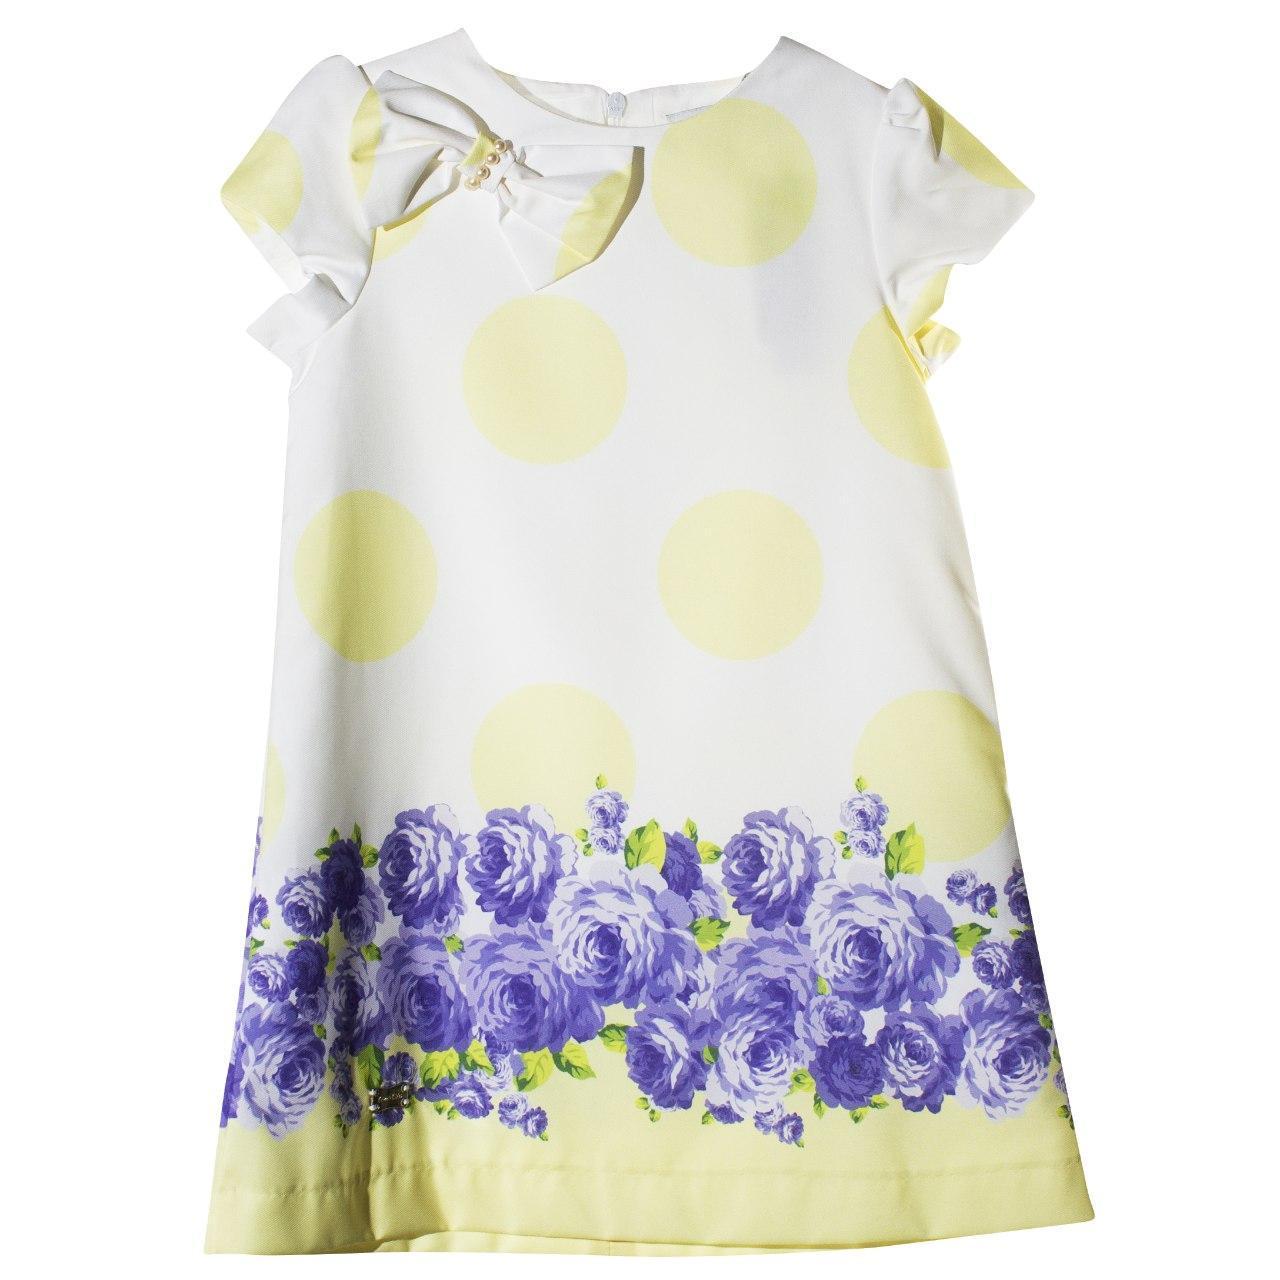 Нарядное платье для девочки, размеры 3, 4 года, 5 лет